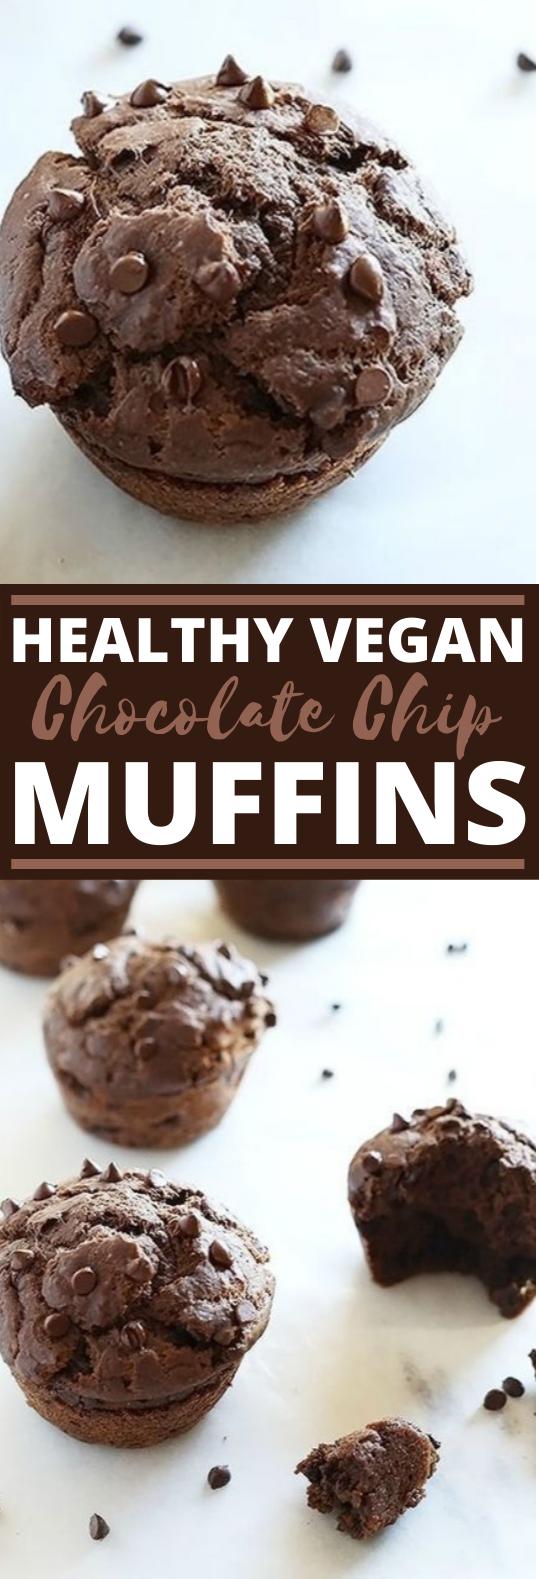 Healthy Vegan Chocolate Chip Muffins #vegan #breakfast #muffin #baking #chocolate